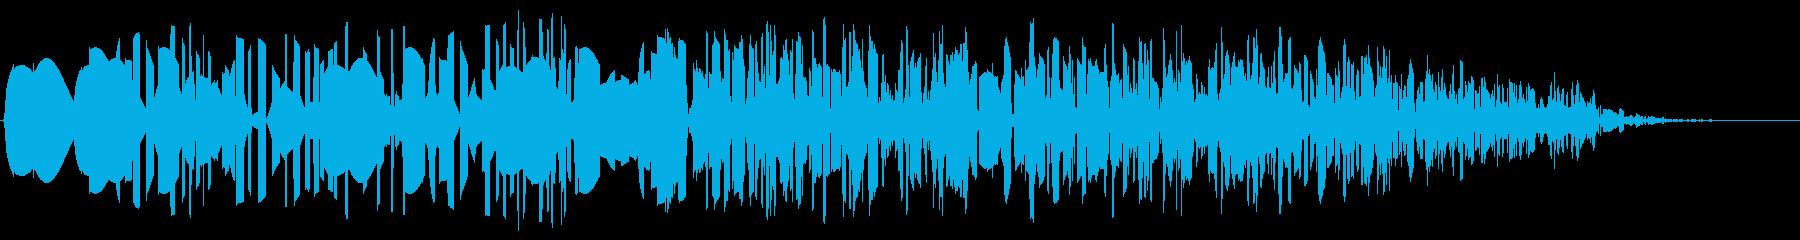 ファミコン風_ 魔法音3の再生済みの波形